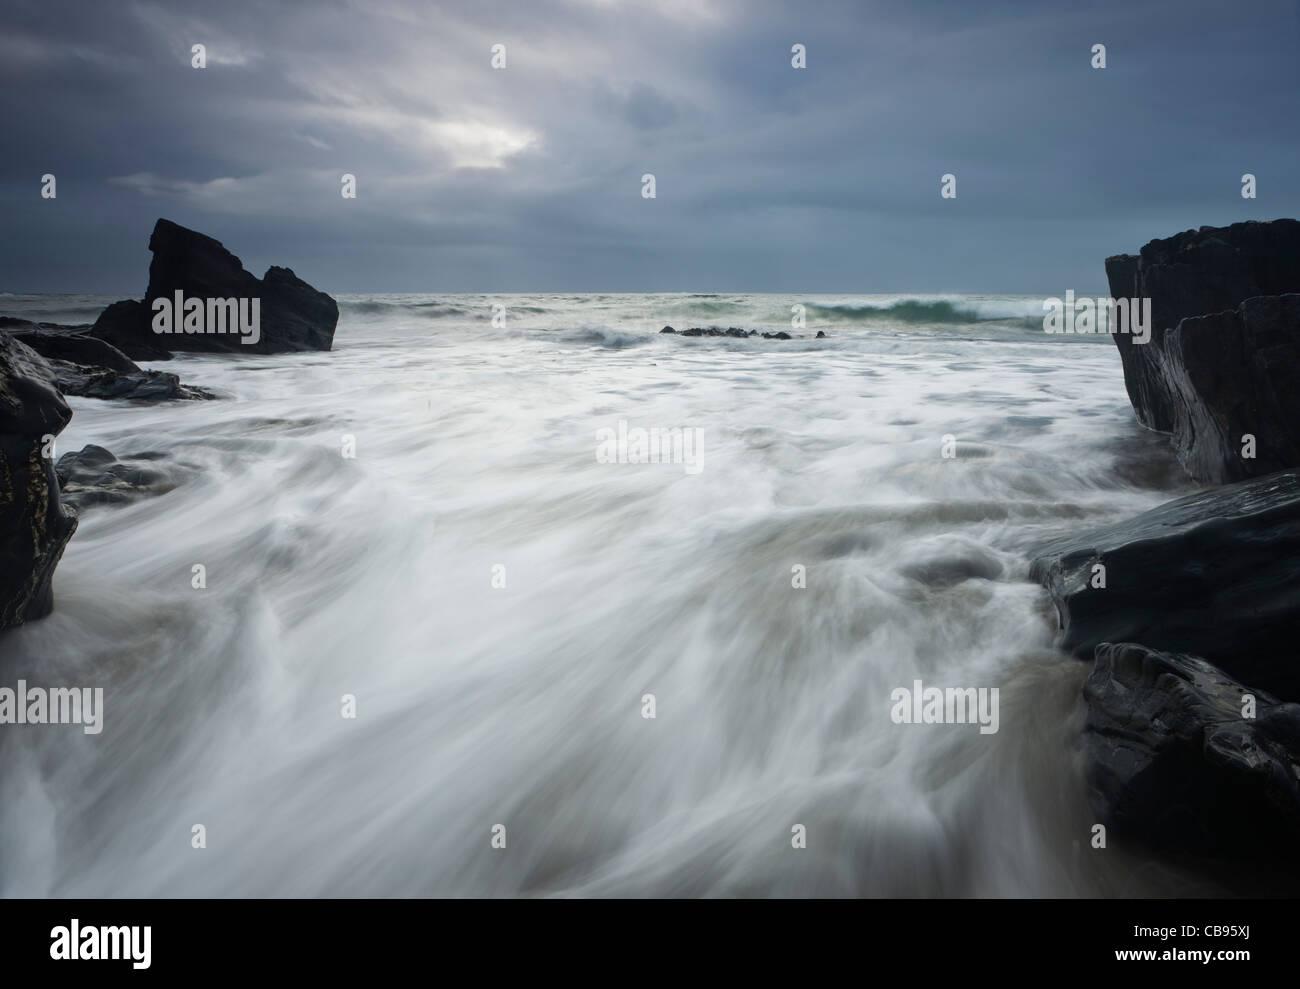 Waves crashing on a remote rugged coastline near County Mayo Ireland - Stock Image